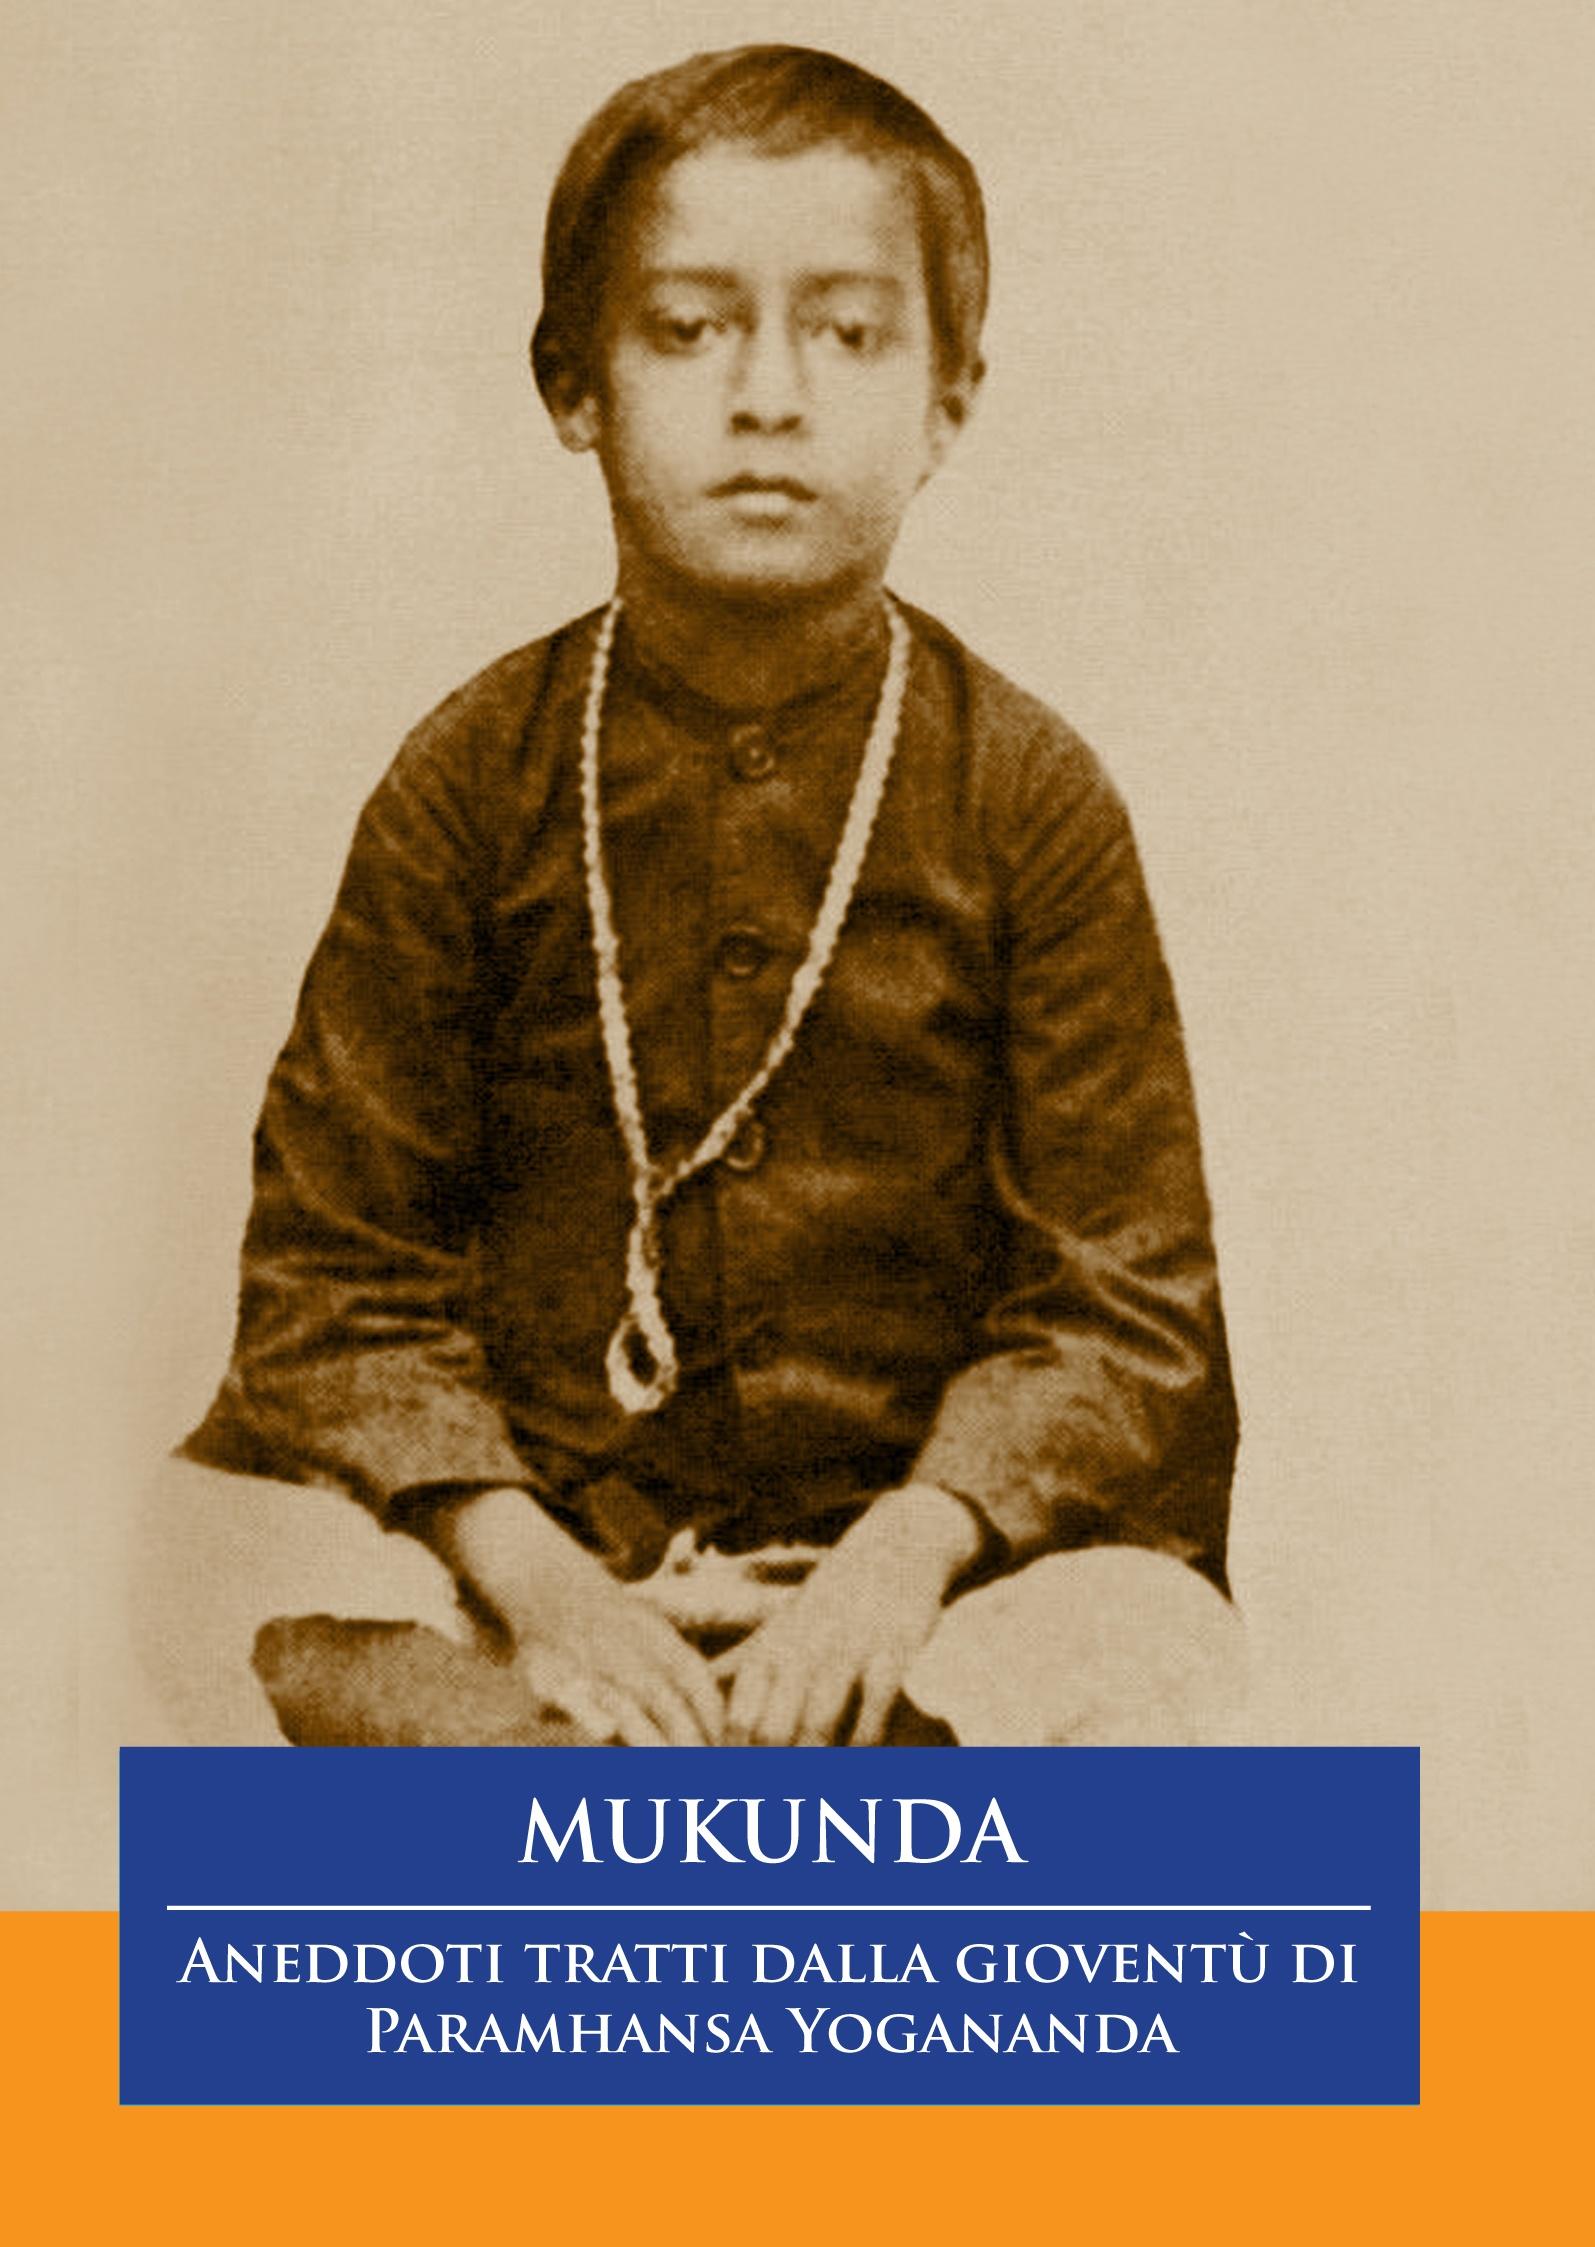 MUKUNDA